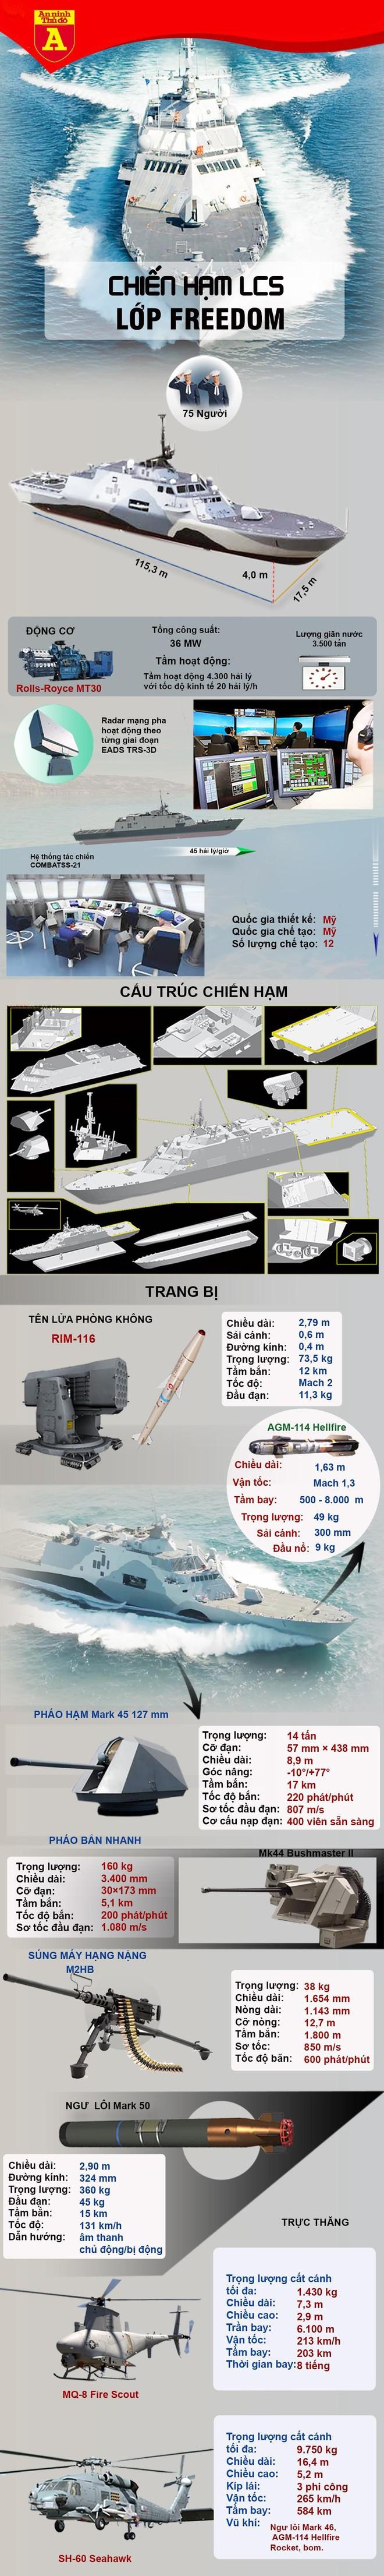 [Info] Mỹ loại biên ngay tàu chiến trị giá 360 triệu USD vì năng lực yếu kém ảnh 2